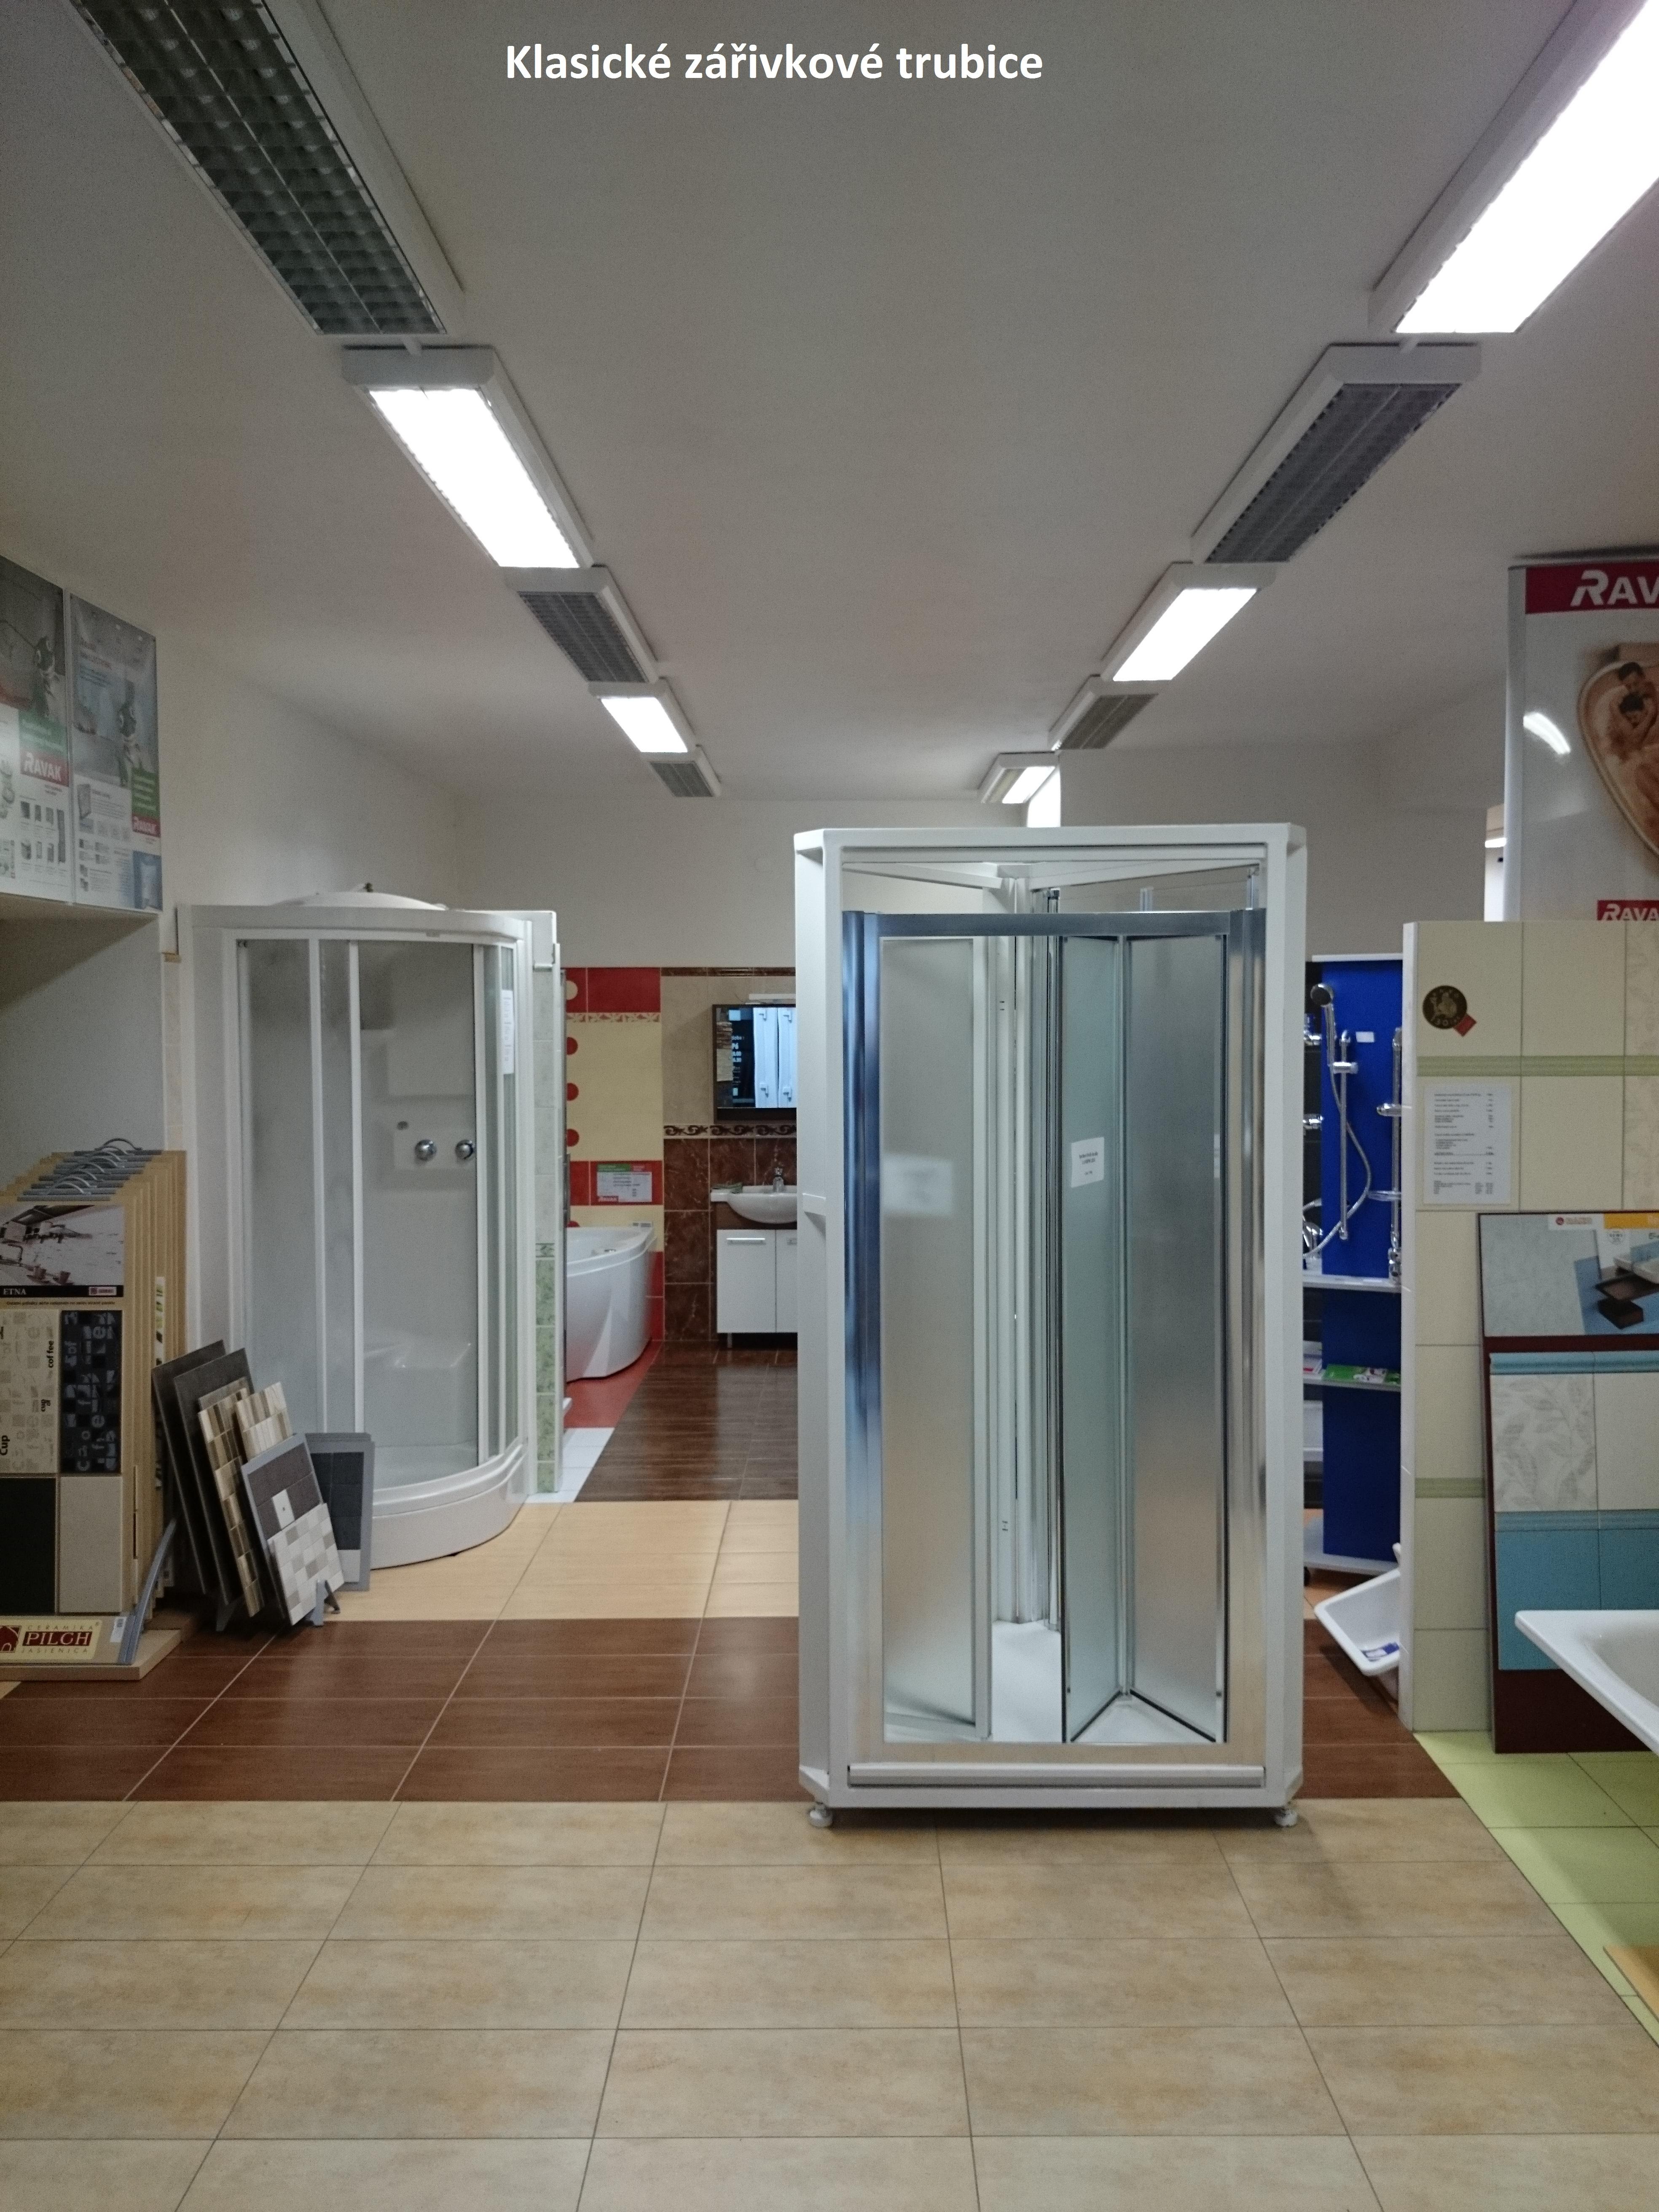 LED trubice koupelnové studio